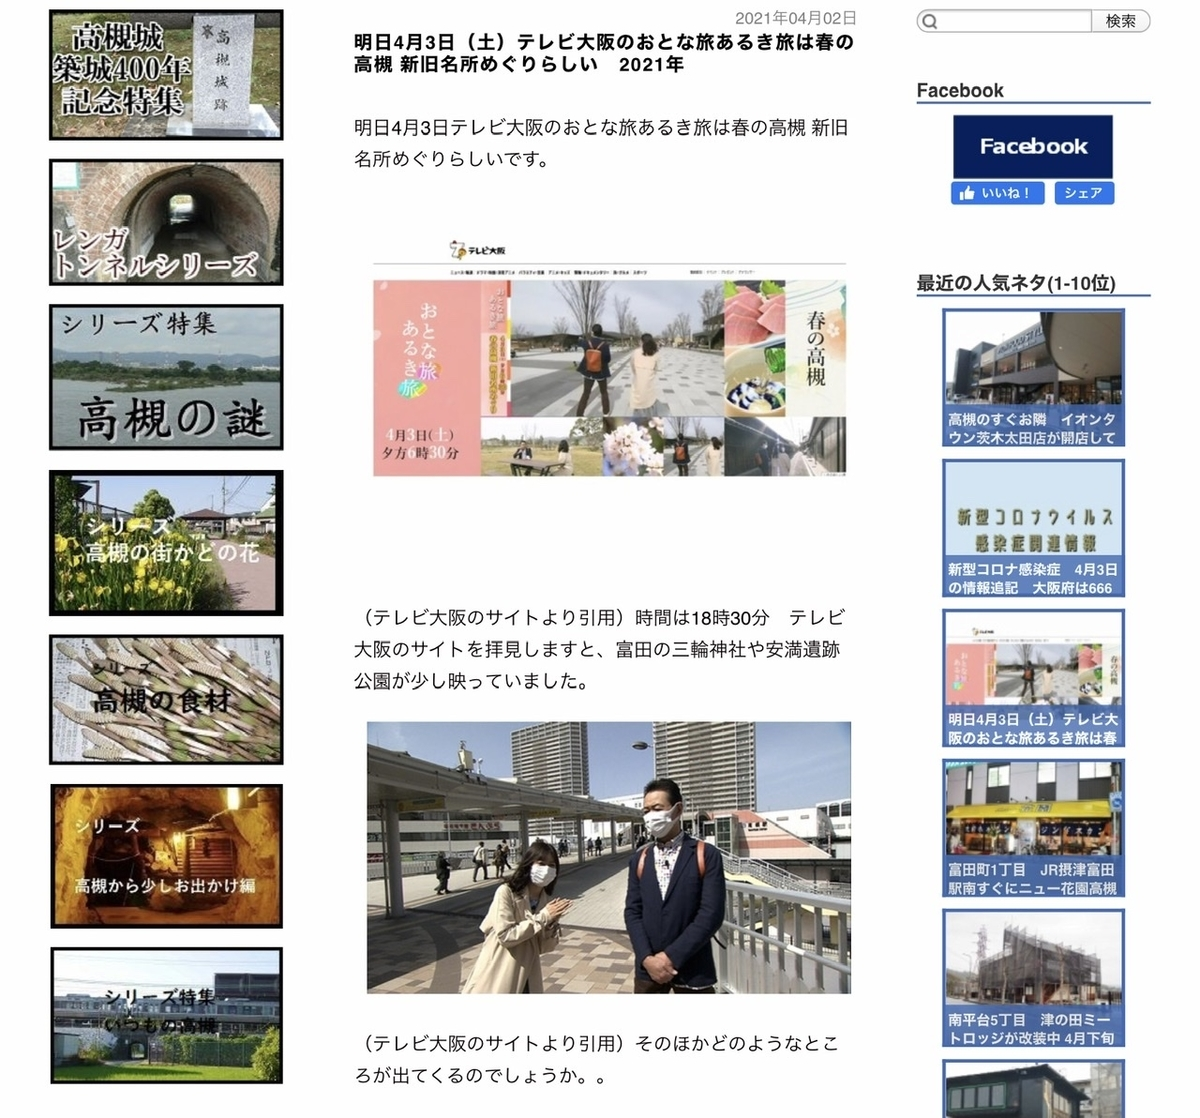 f:id:yujiro-1:20210408050142j:plain